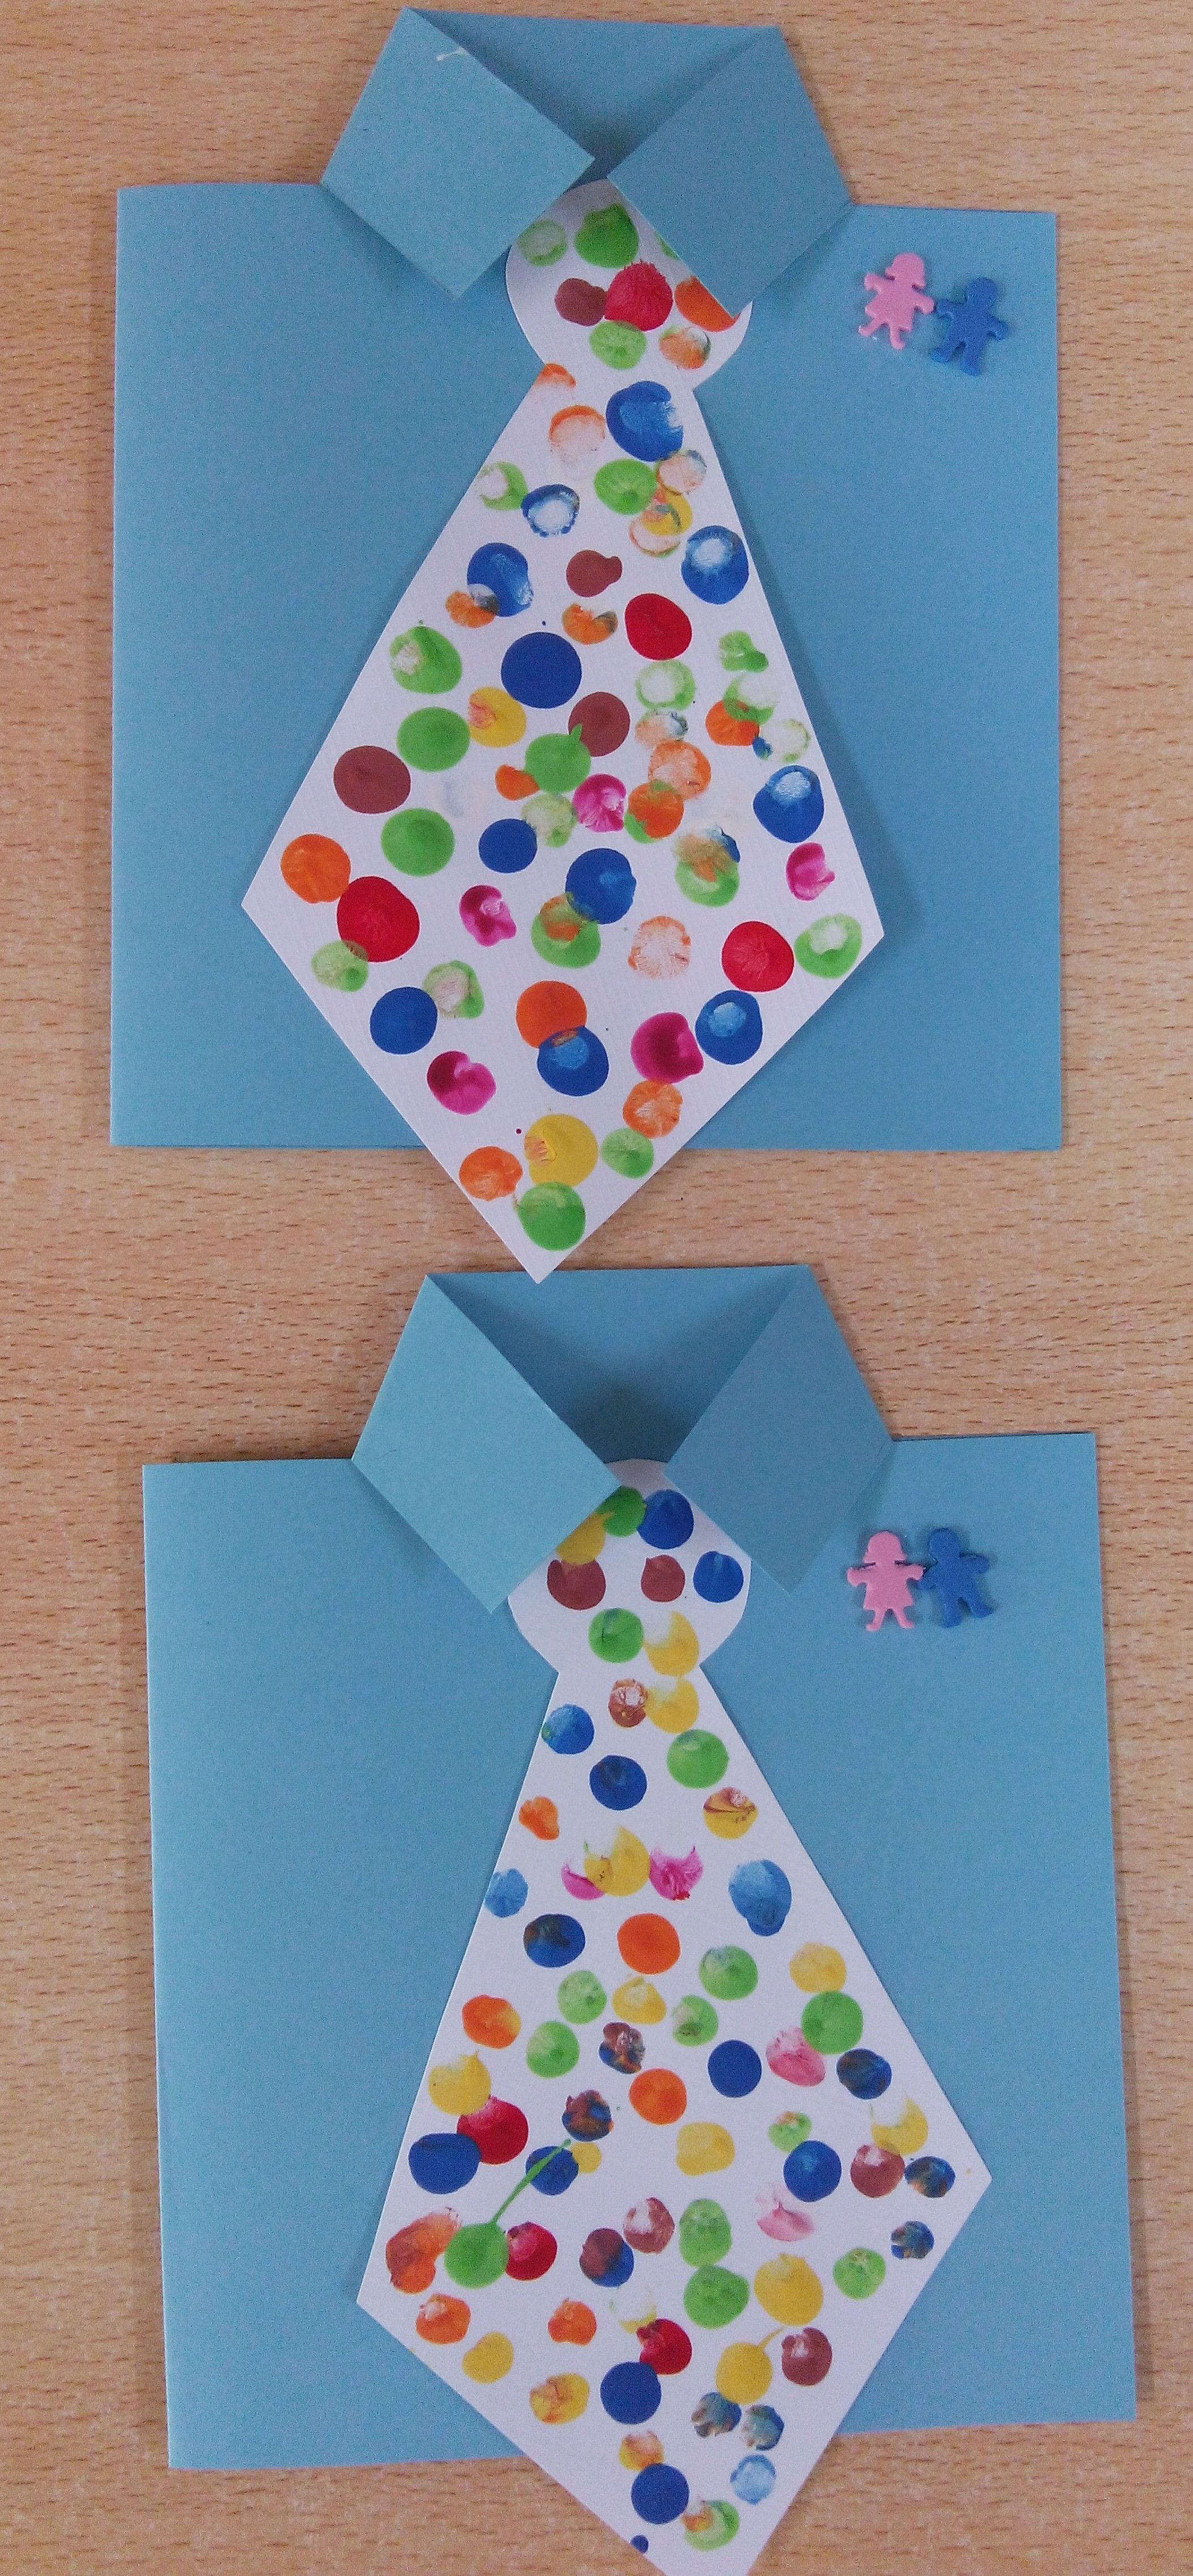 Bedwelming Verjaardag opa | Vaderdag/Moederdag cadeau knutselen | Pinterest #LZ76